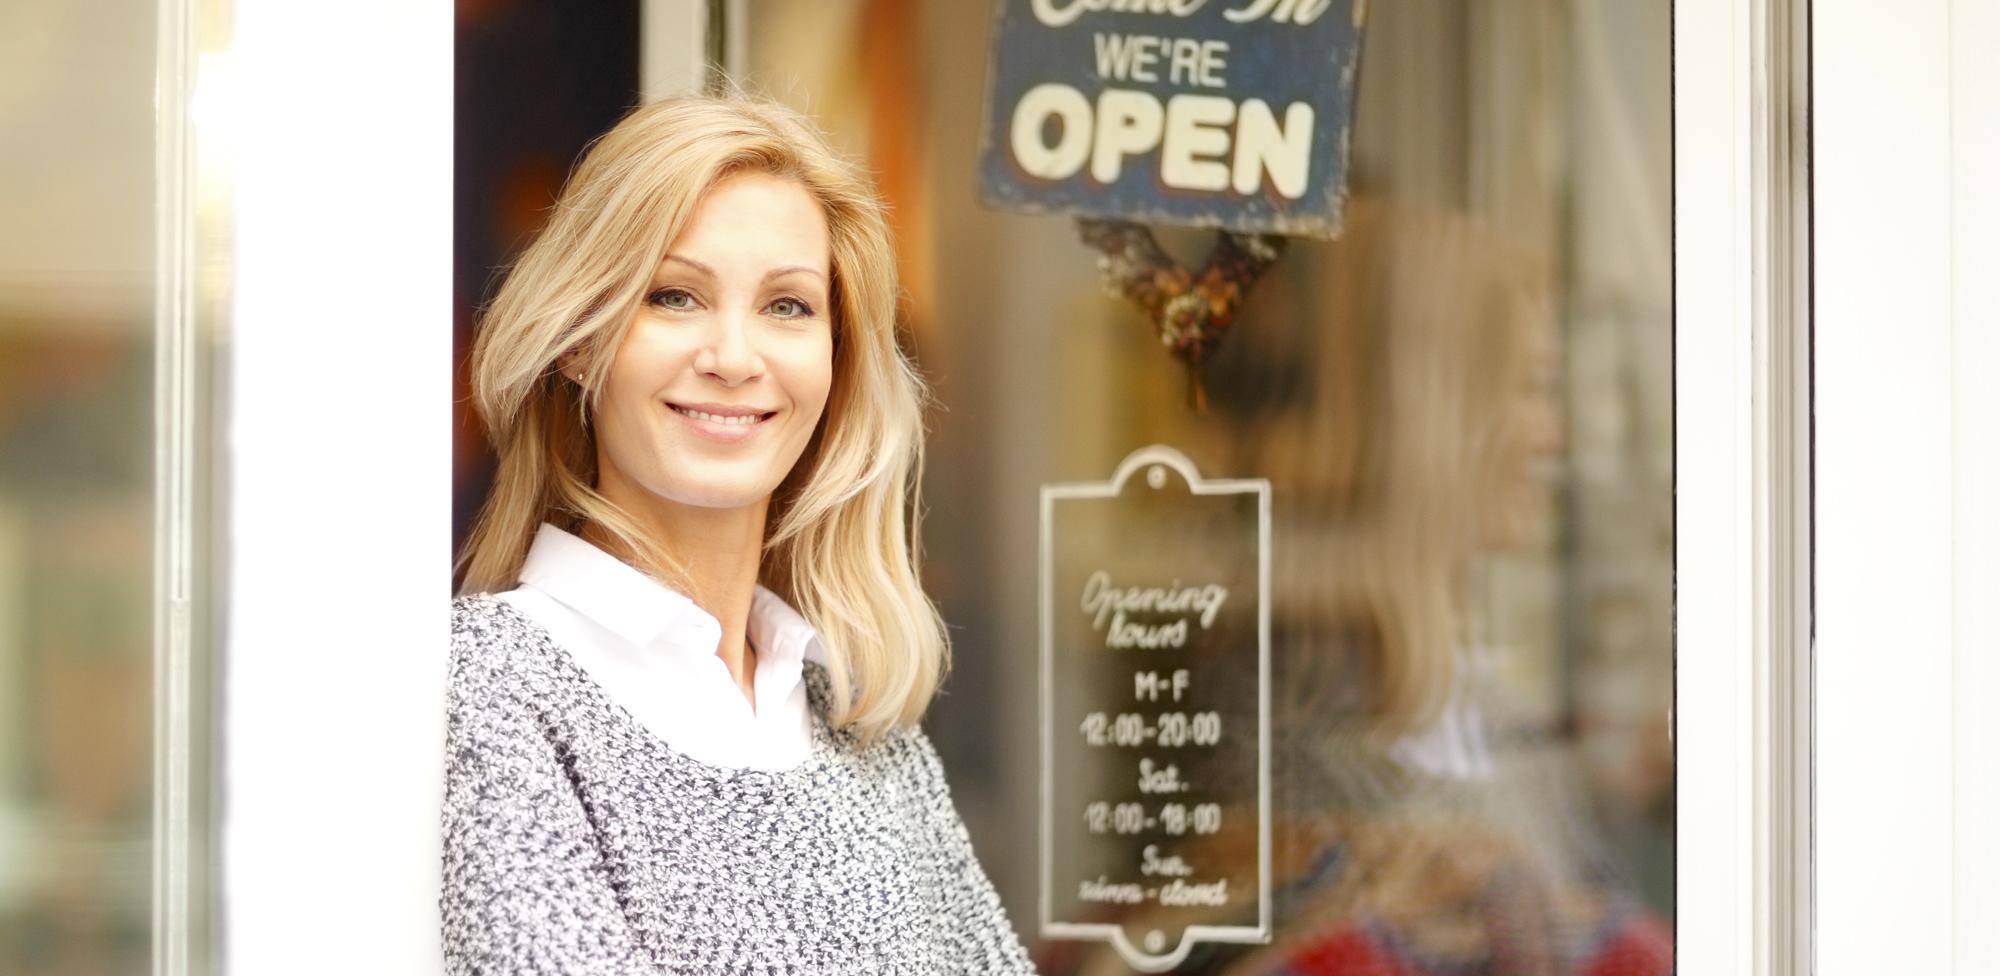 woman standing in front of business open sign on door